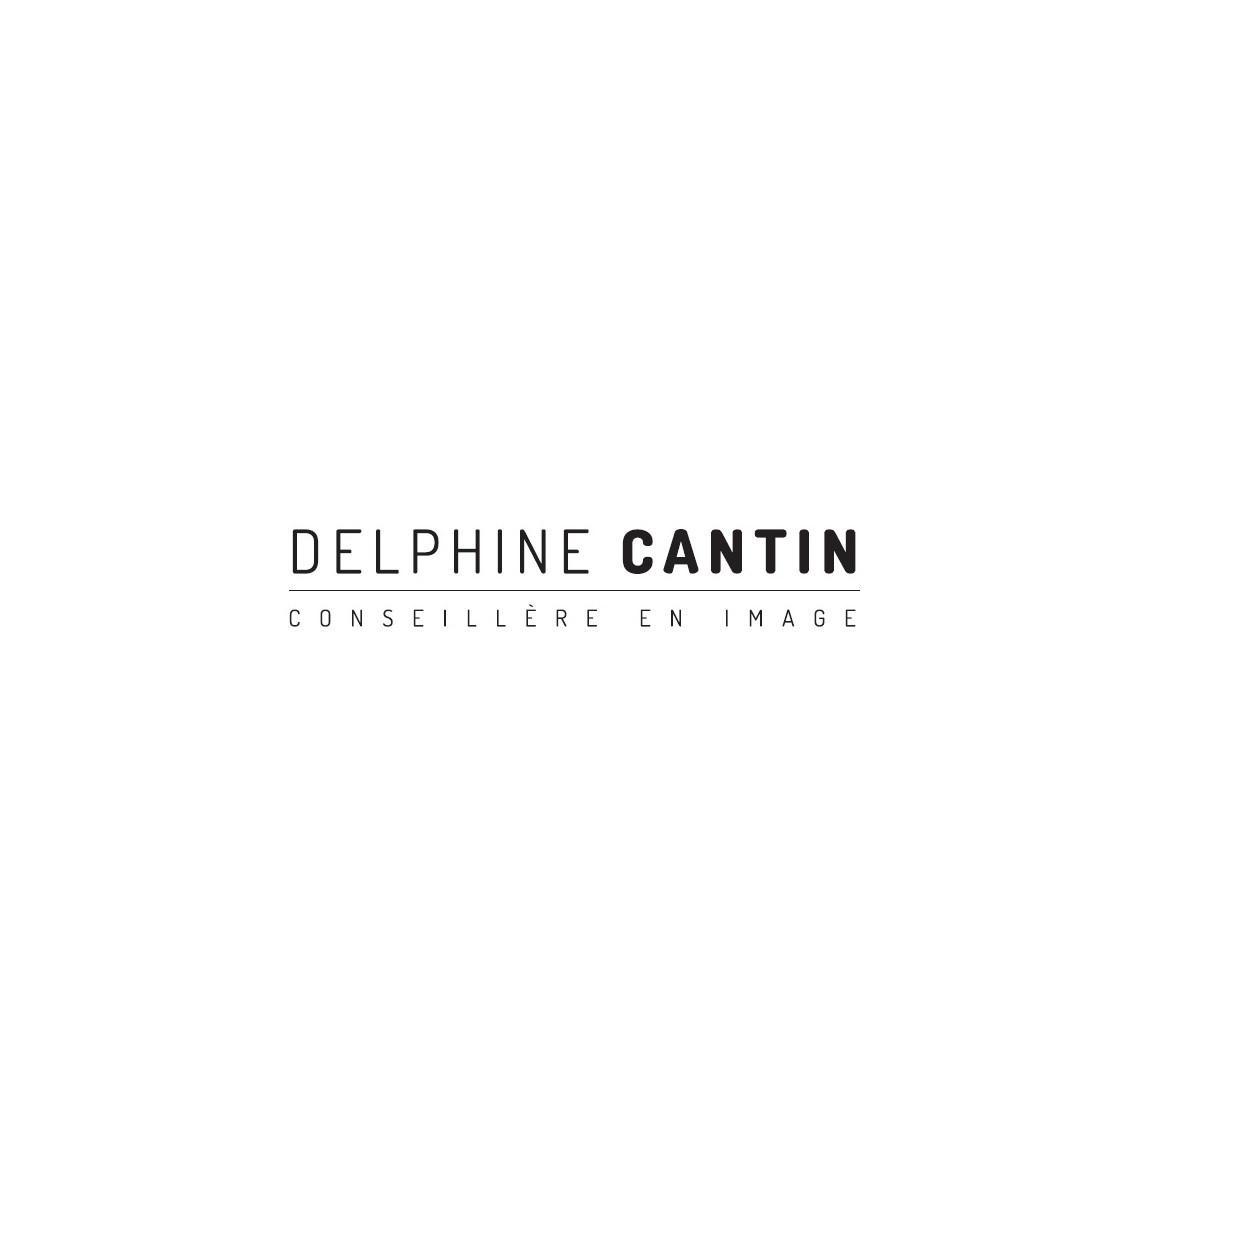 Profil Delphine Cantin